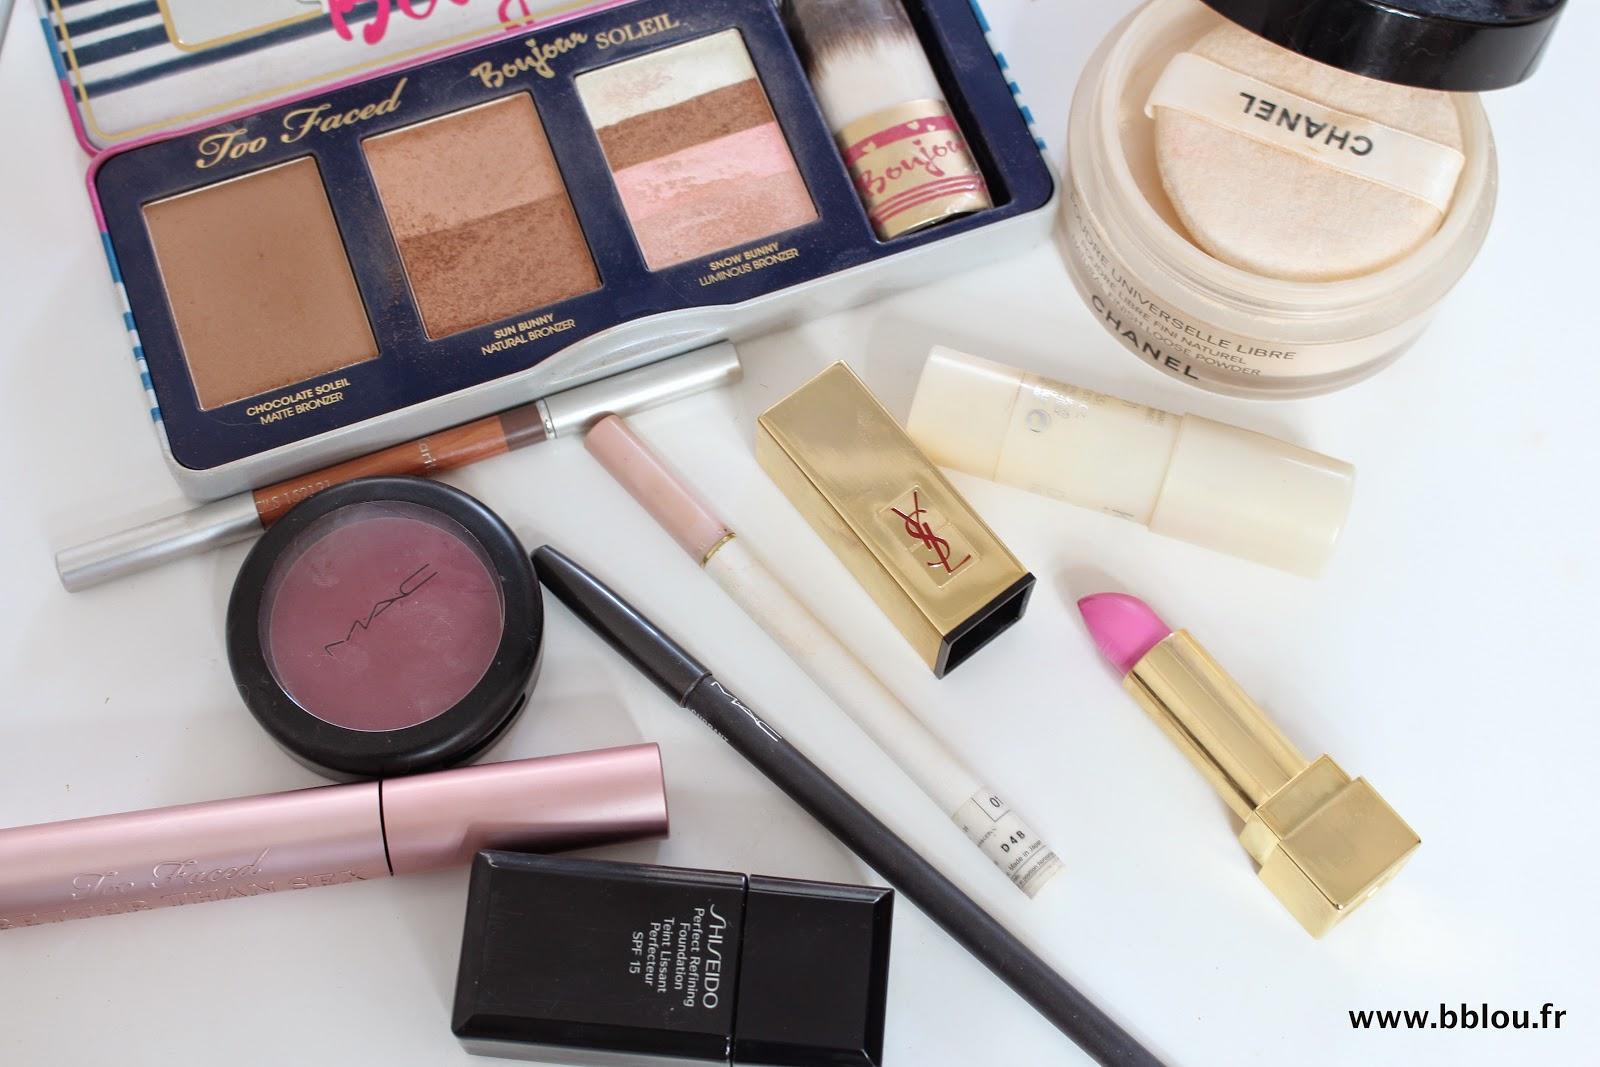 http://www.beautybylou.com/2014/08/humour-les-10-pires-faux-pas-make-up-en.html